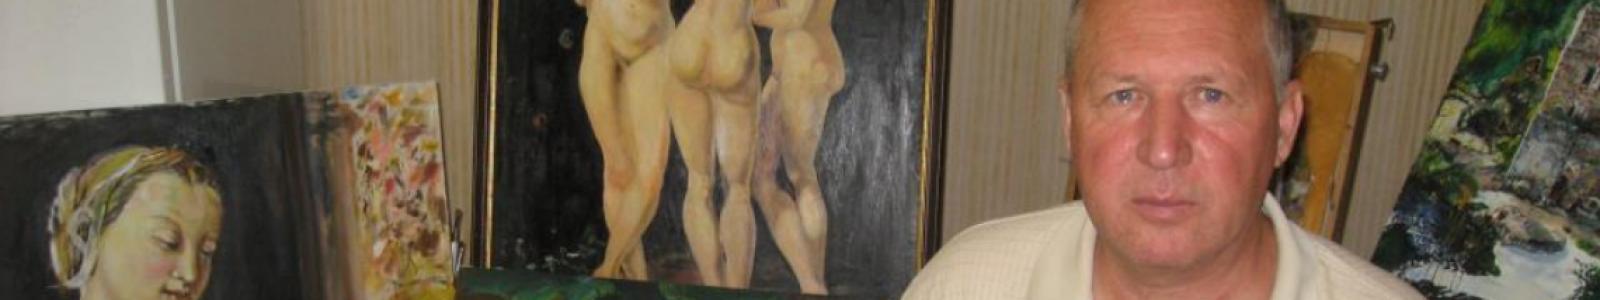 Gallery Painter Stepan Fedorenko